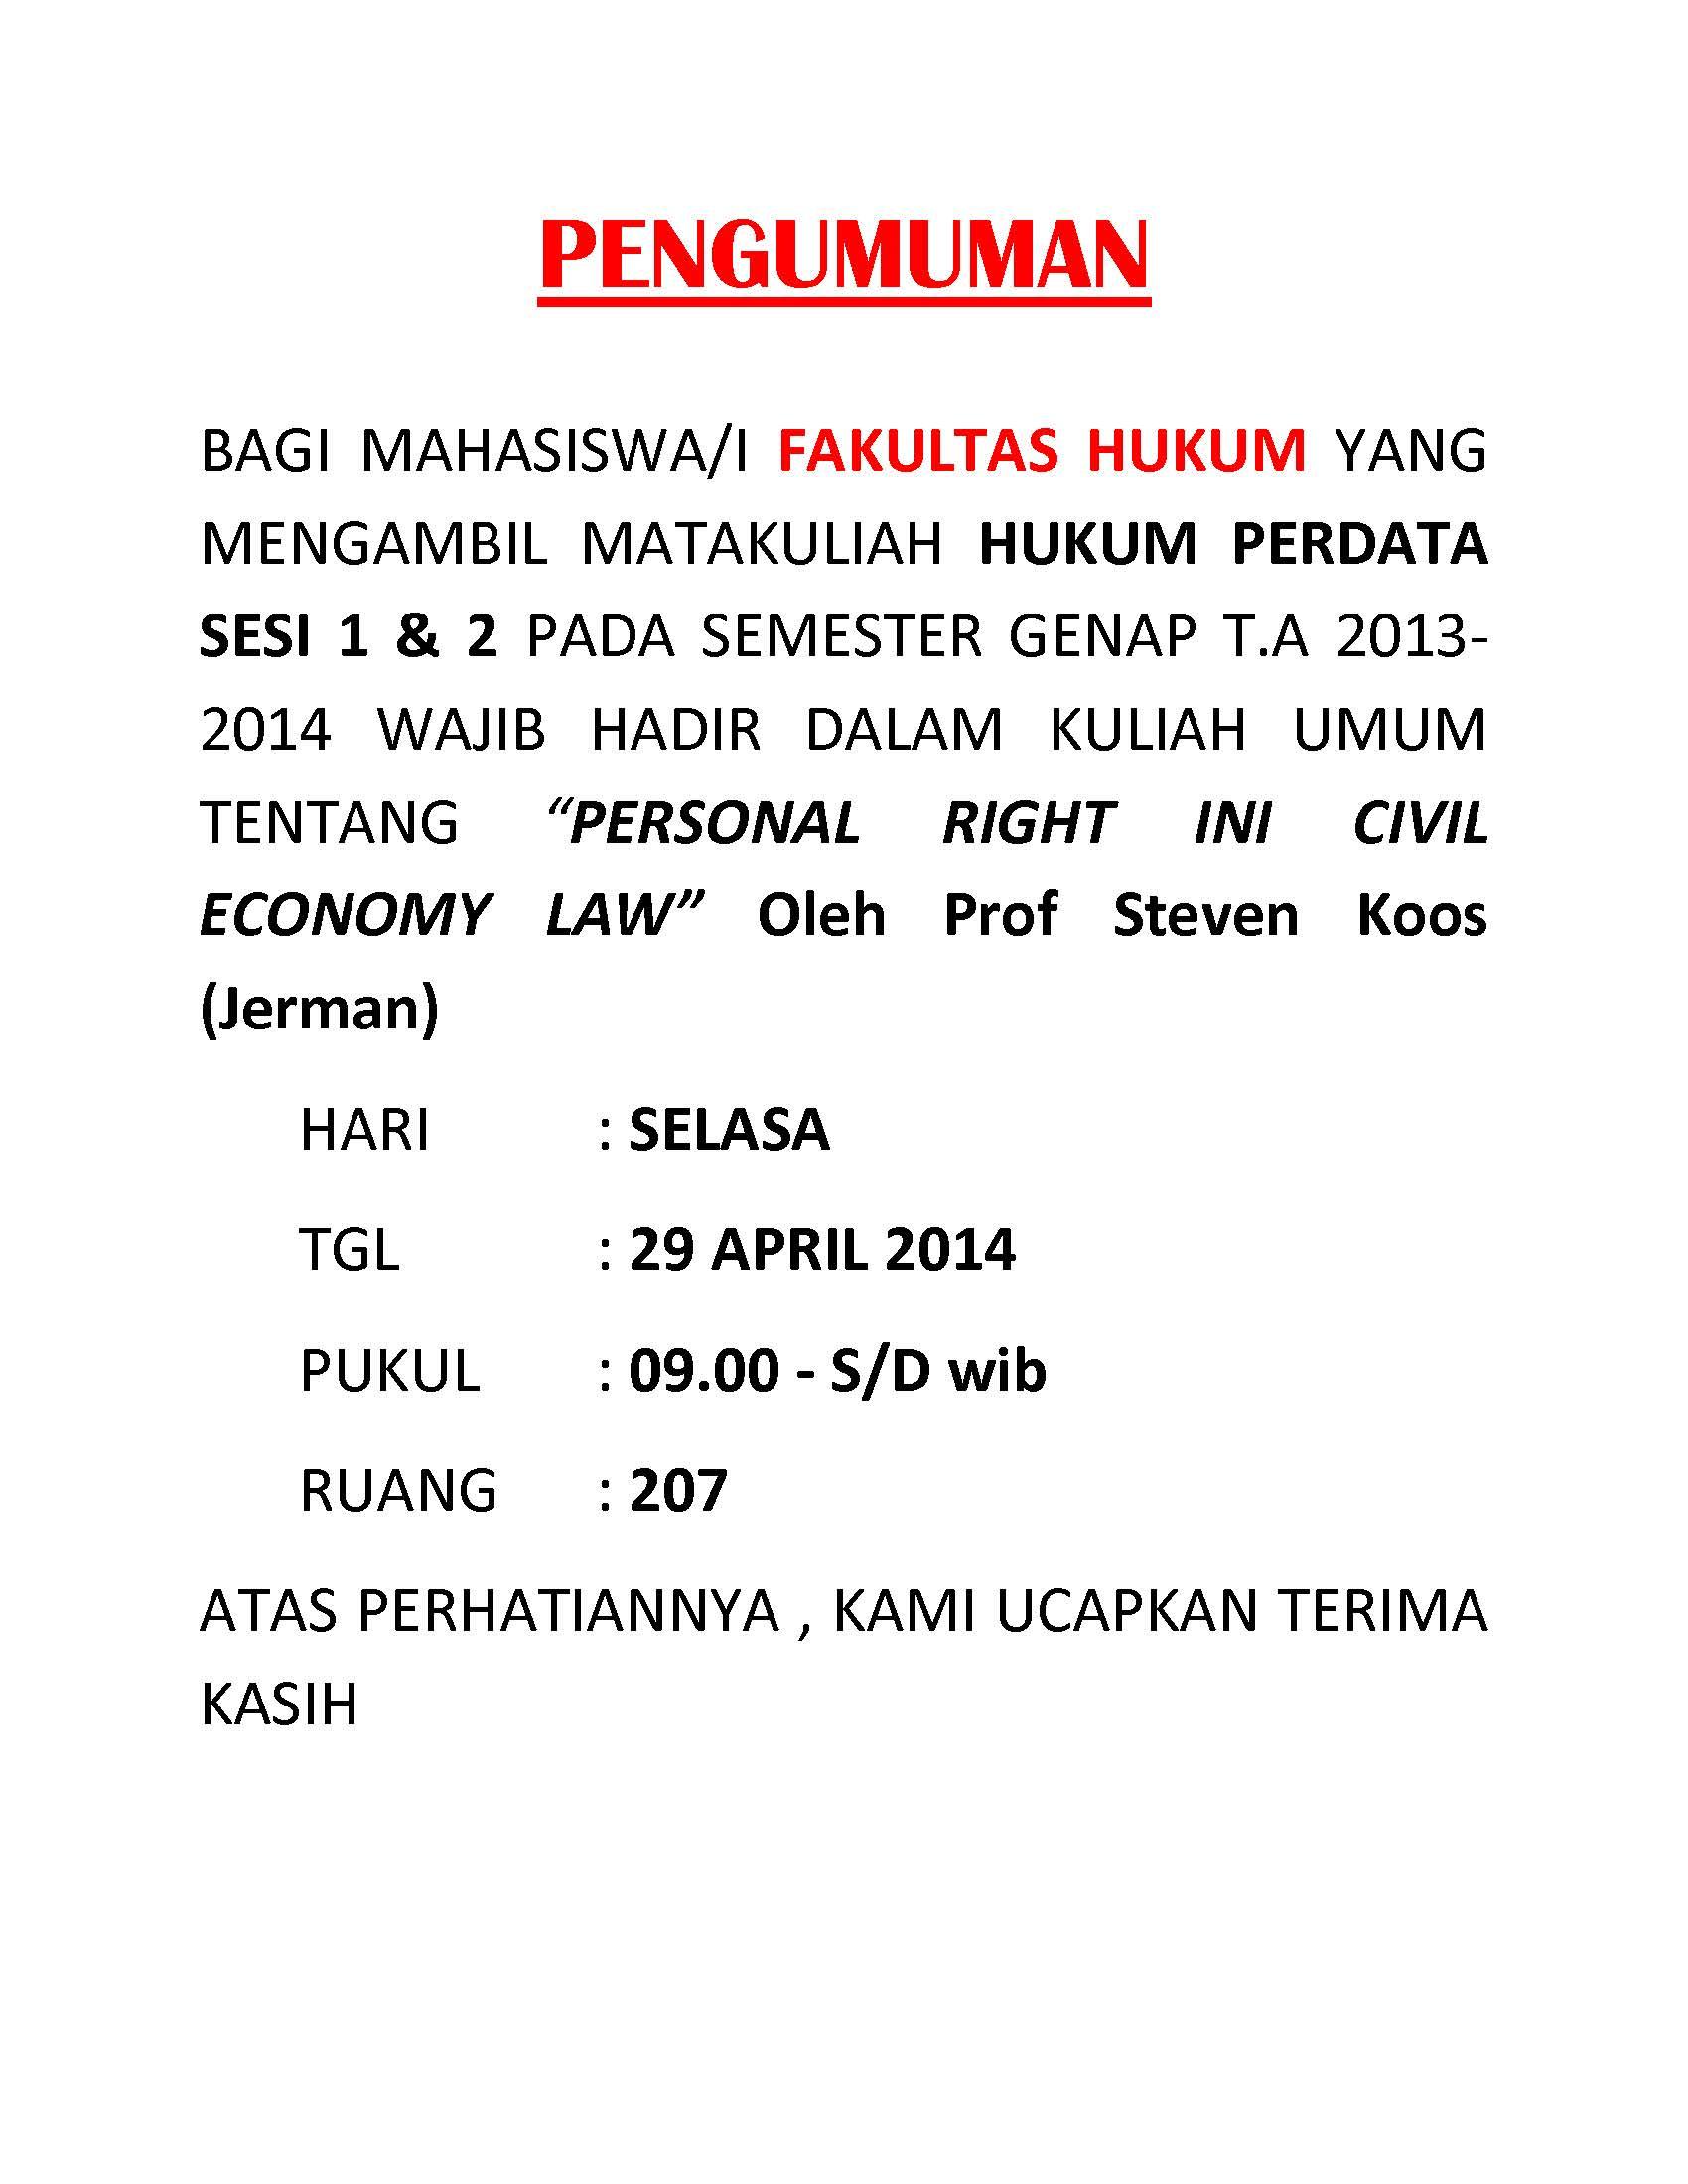 """Fakultas Hukum menyelenggarakan Kuliah Umum """" Personal Right in Civil Economy Law """" dengan pembicara Prof. Steven Koos pada Selasa 29 April 2014"""